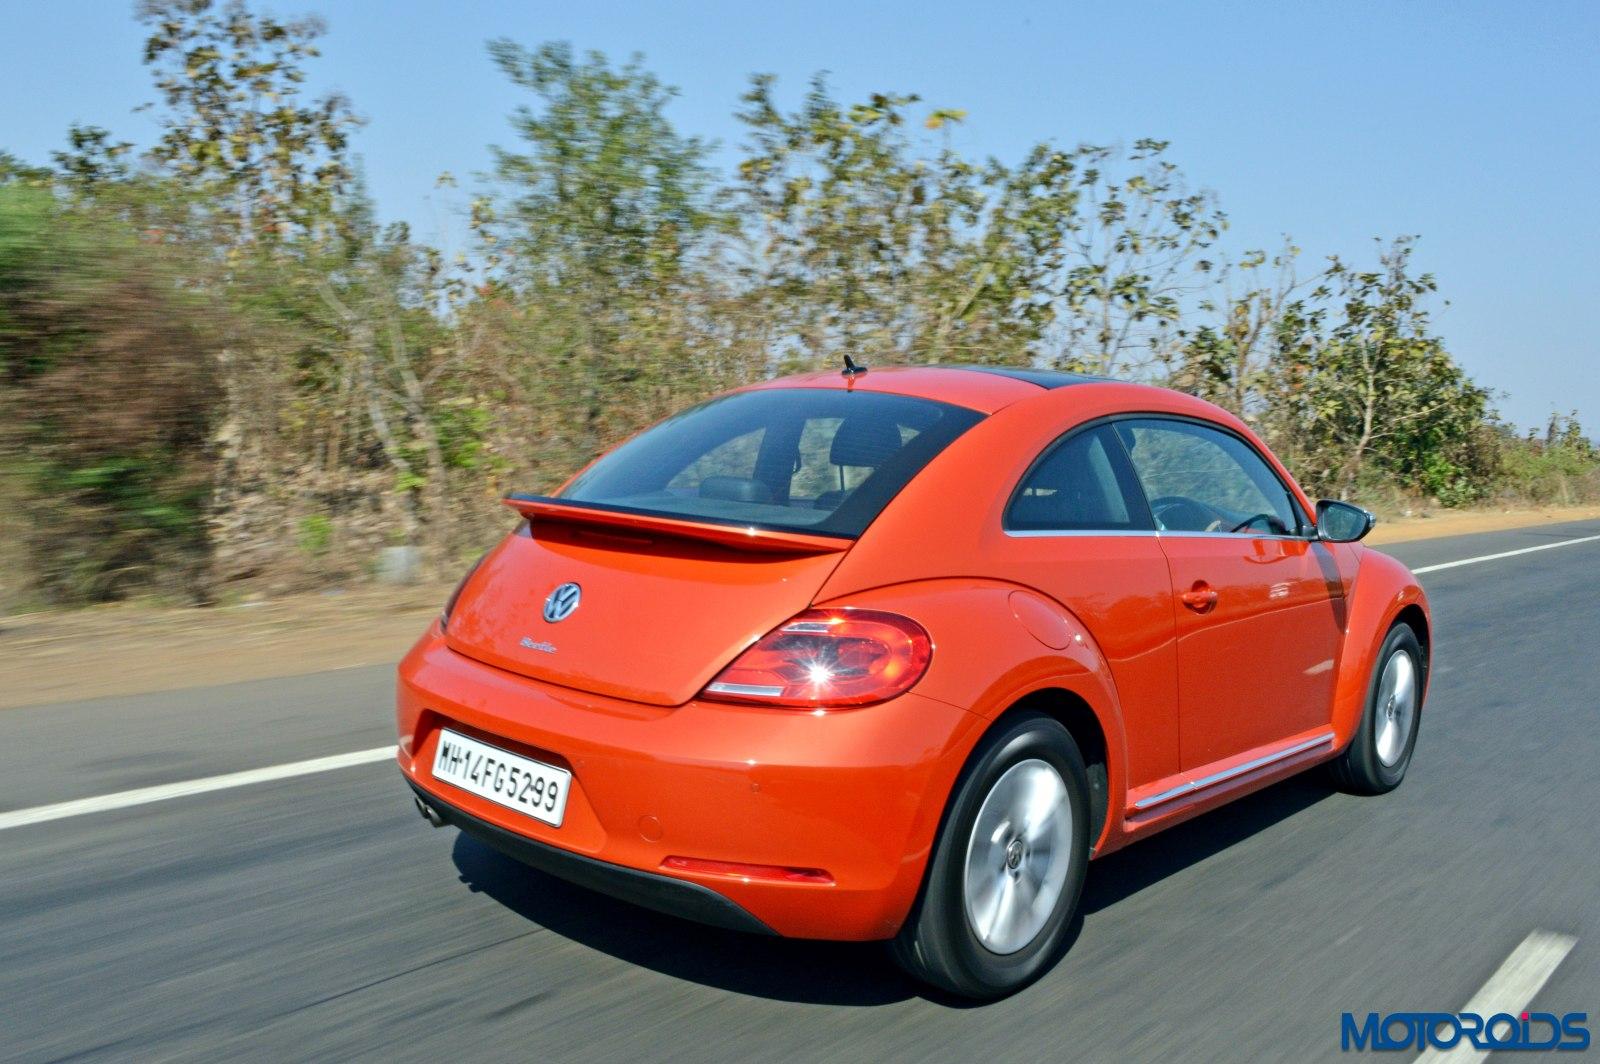 new 2016 vw volkswagen beetle india orange 3. Black Bedroom Furniture Sets. Home Design Ideas